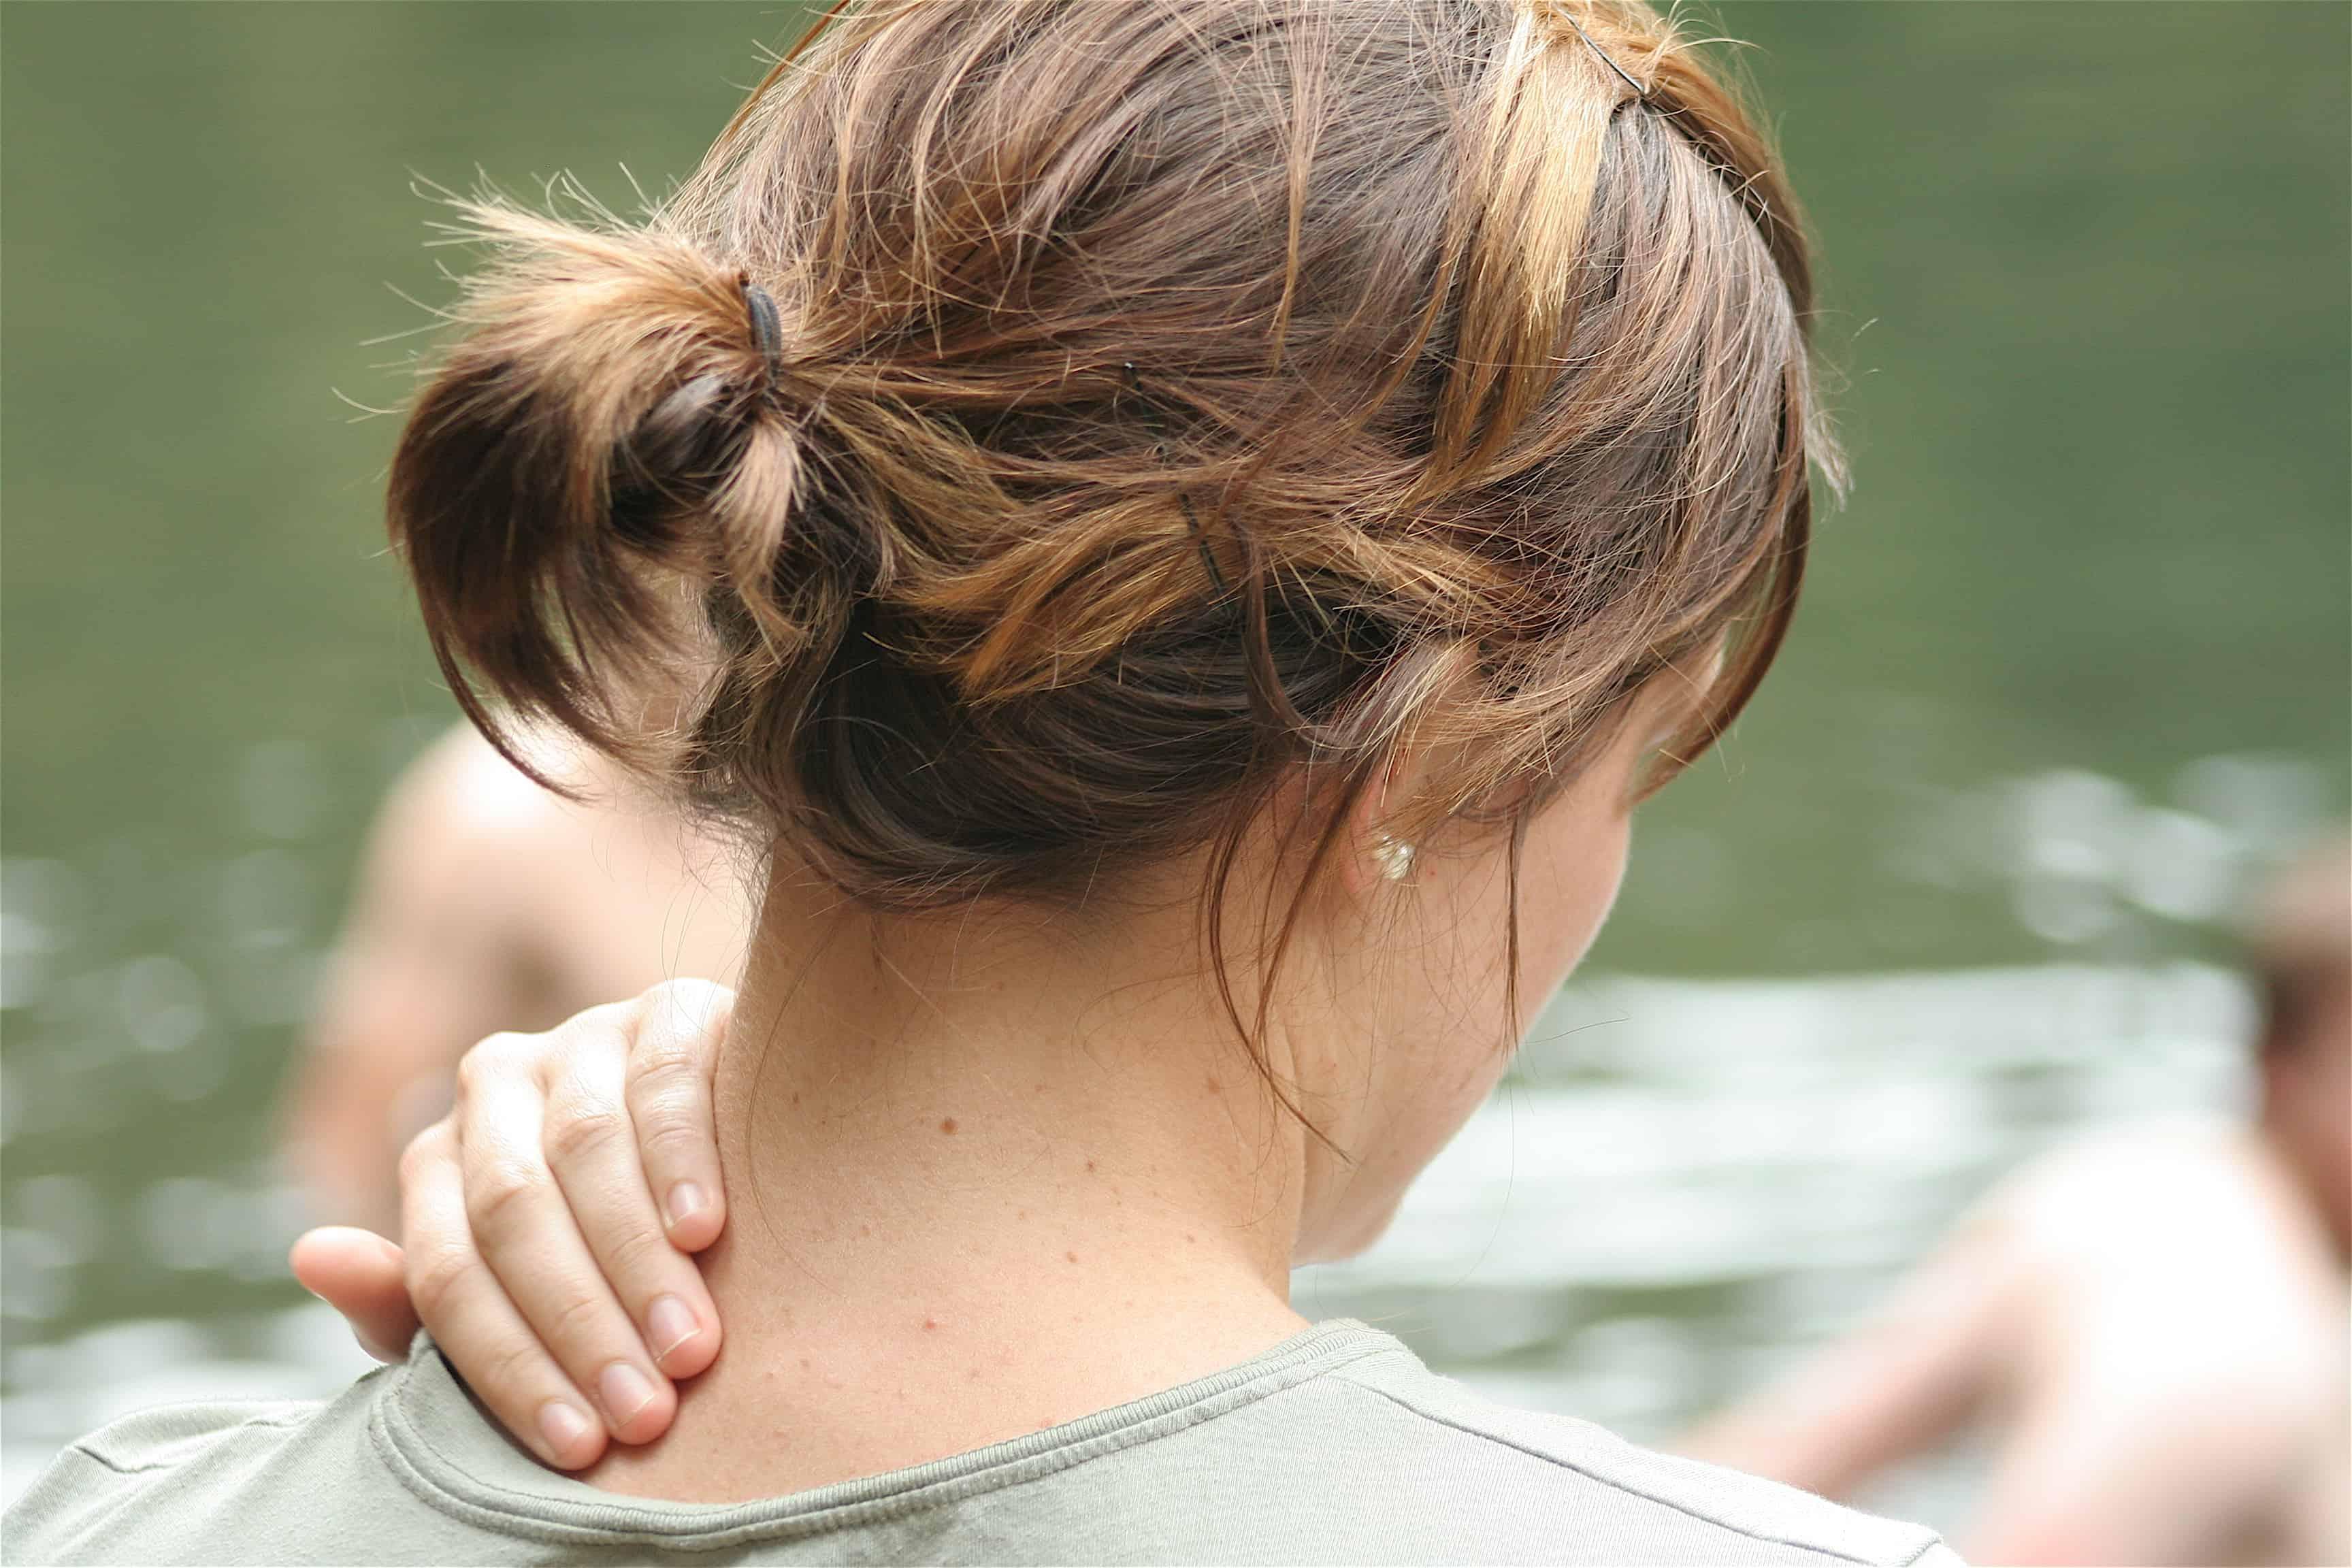 Pszichoszomatikus tünet lehet a nyaki és gerincfájdalom.